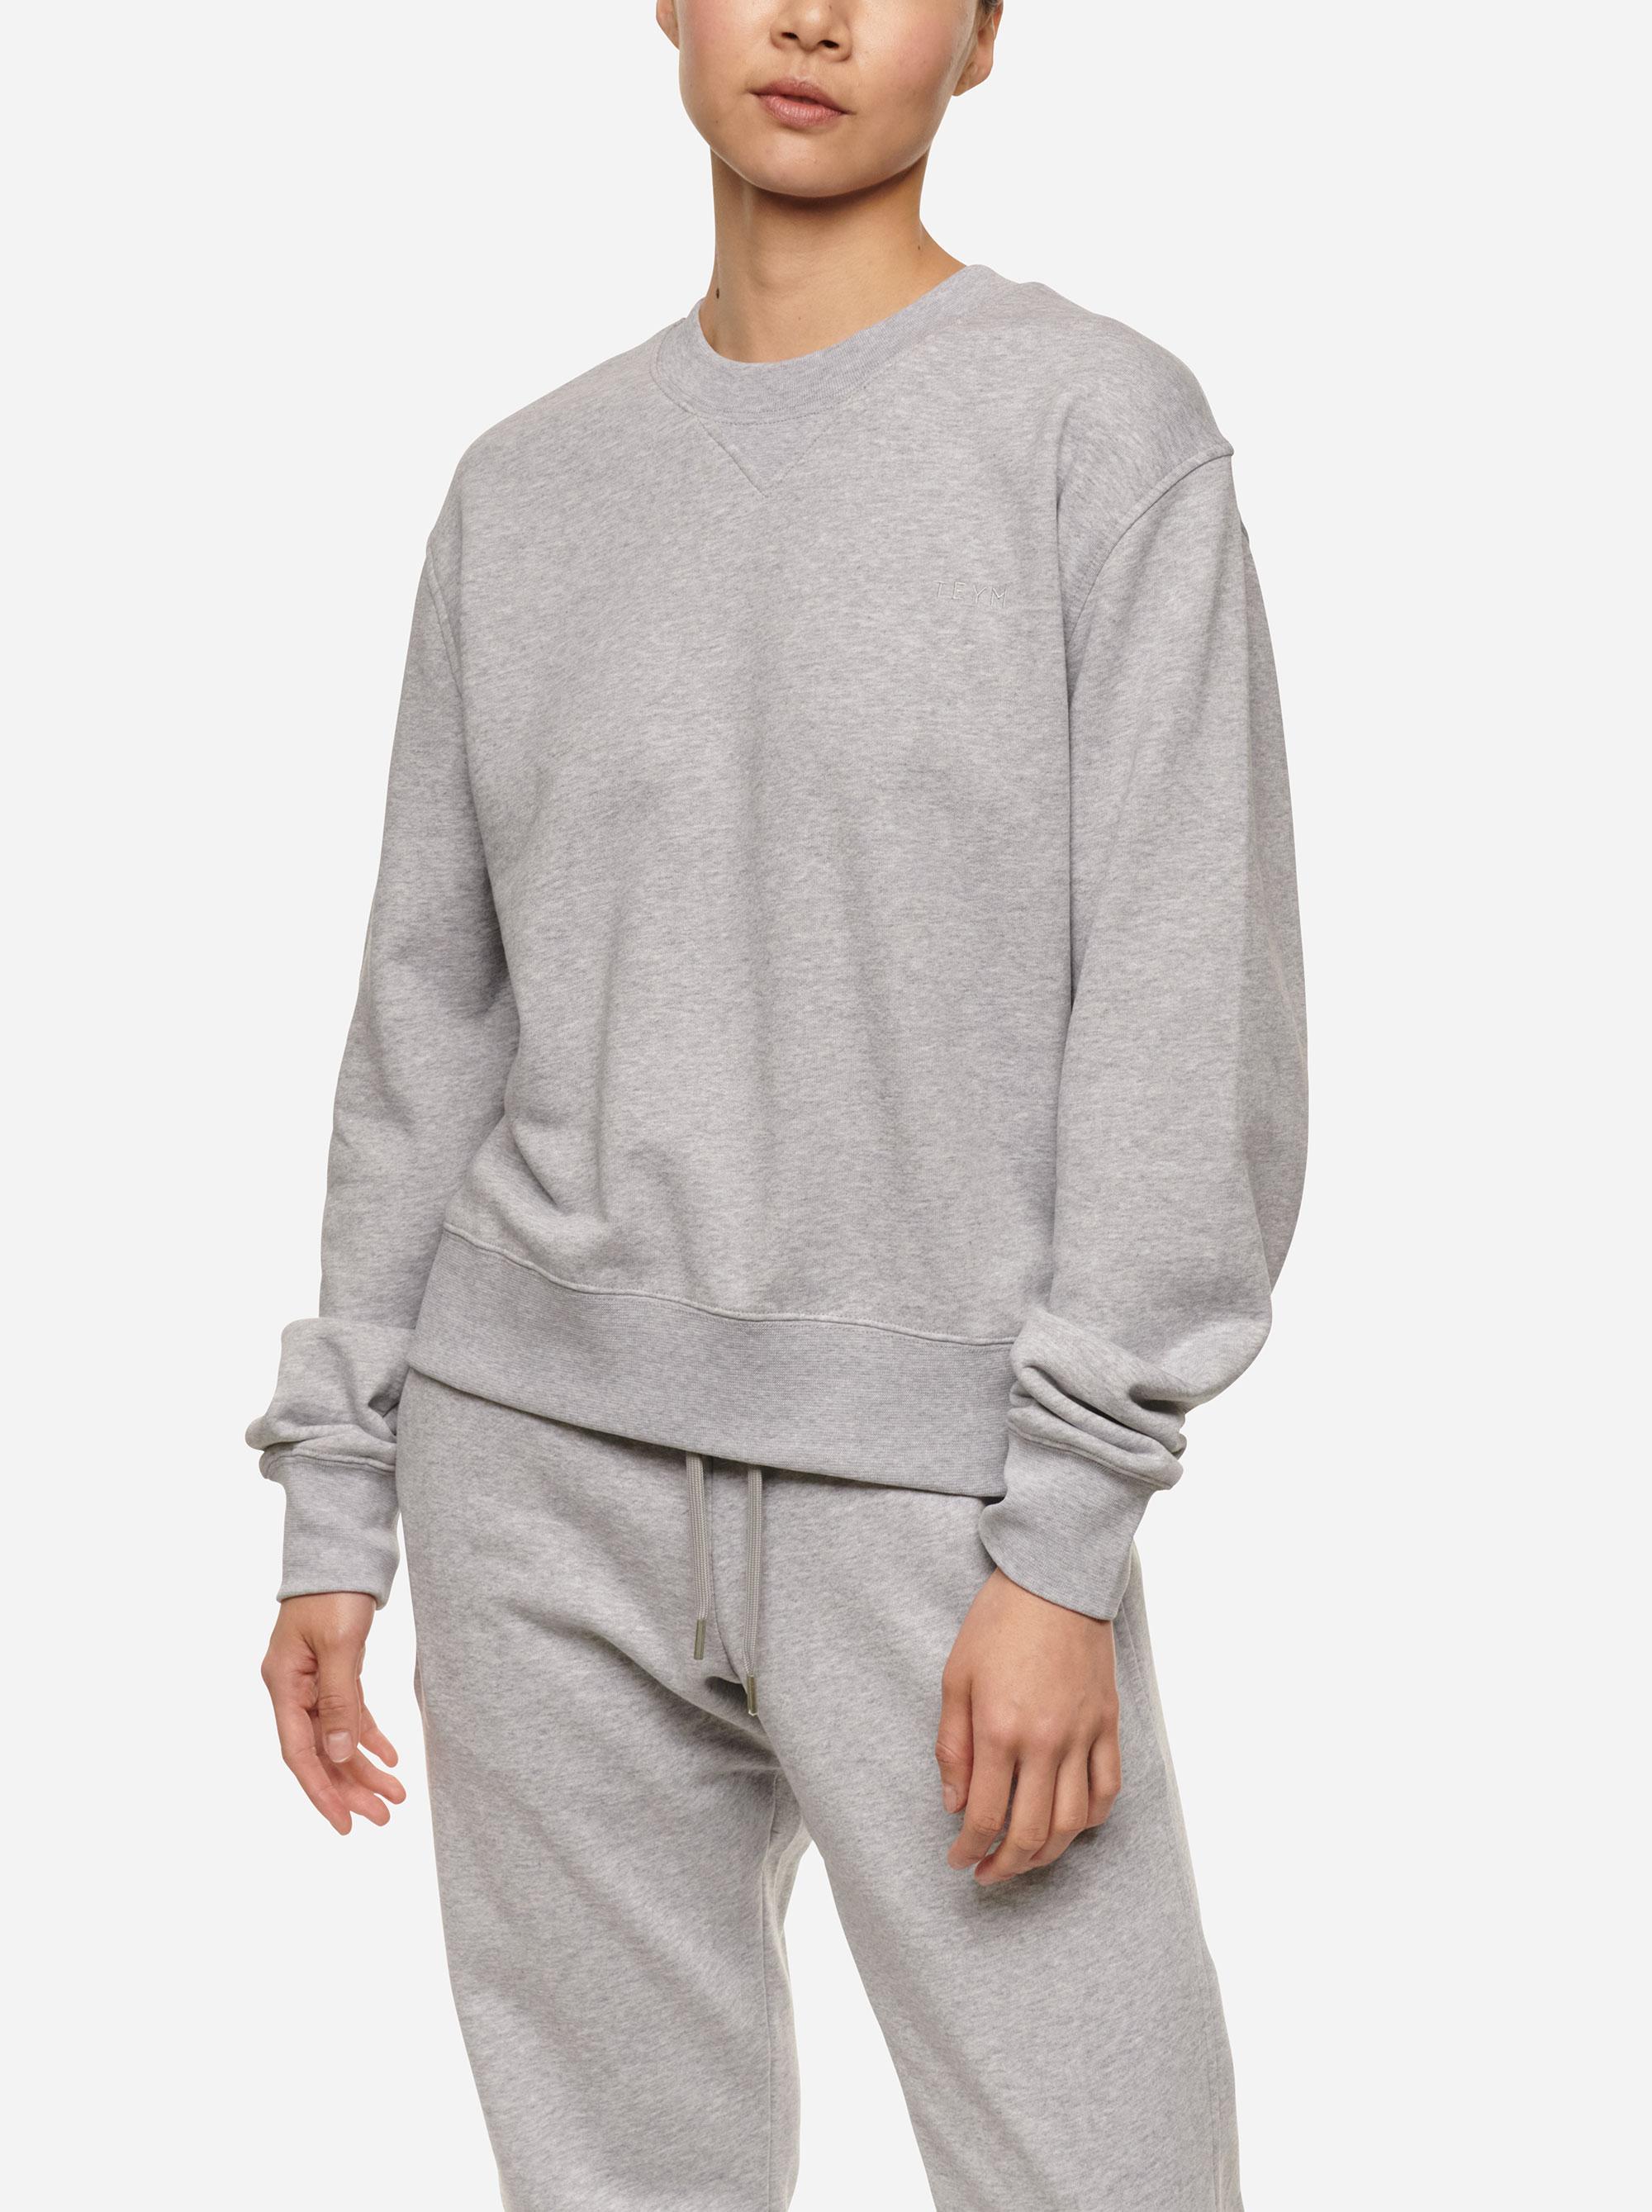 Sweatshirt_Sizeguide_Women_1